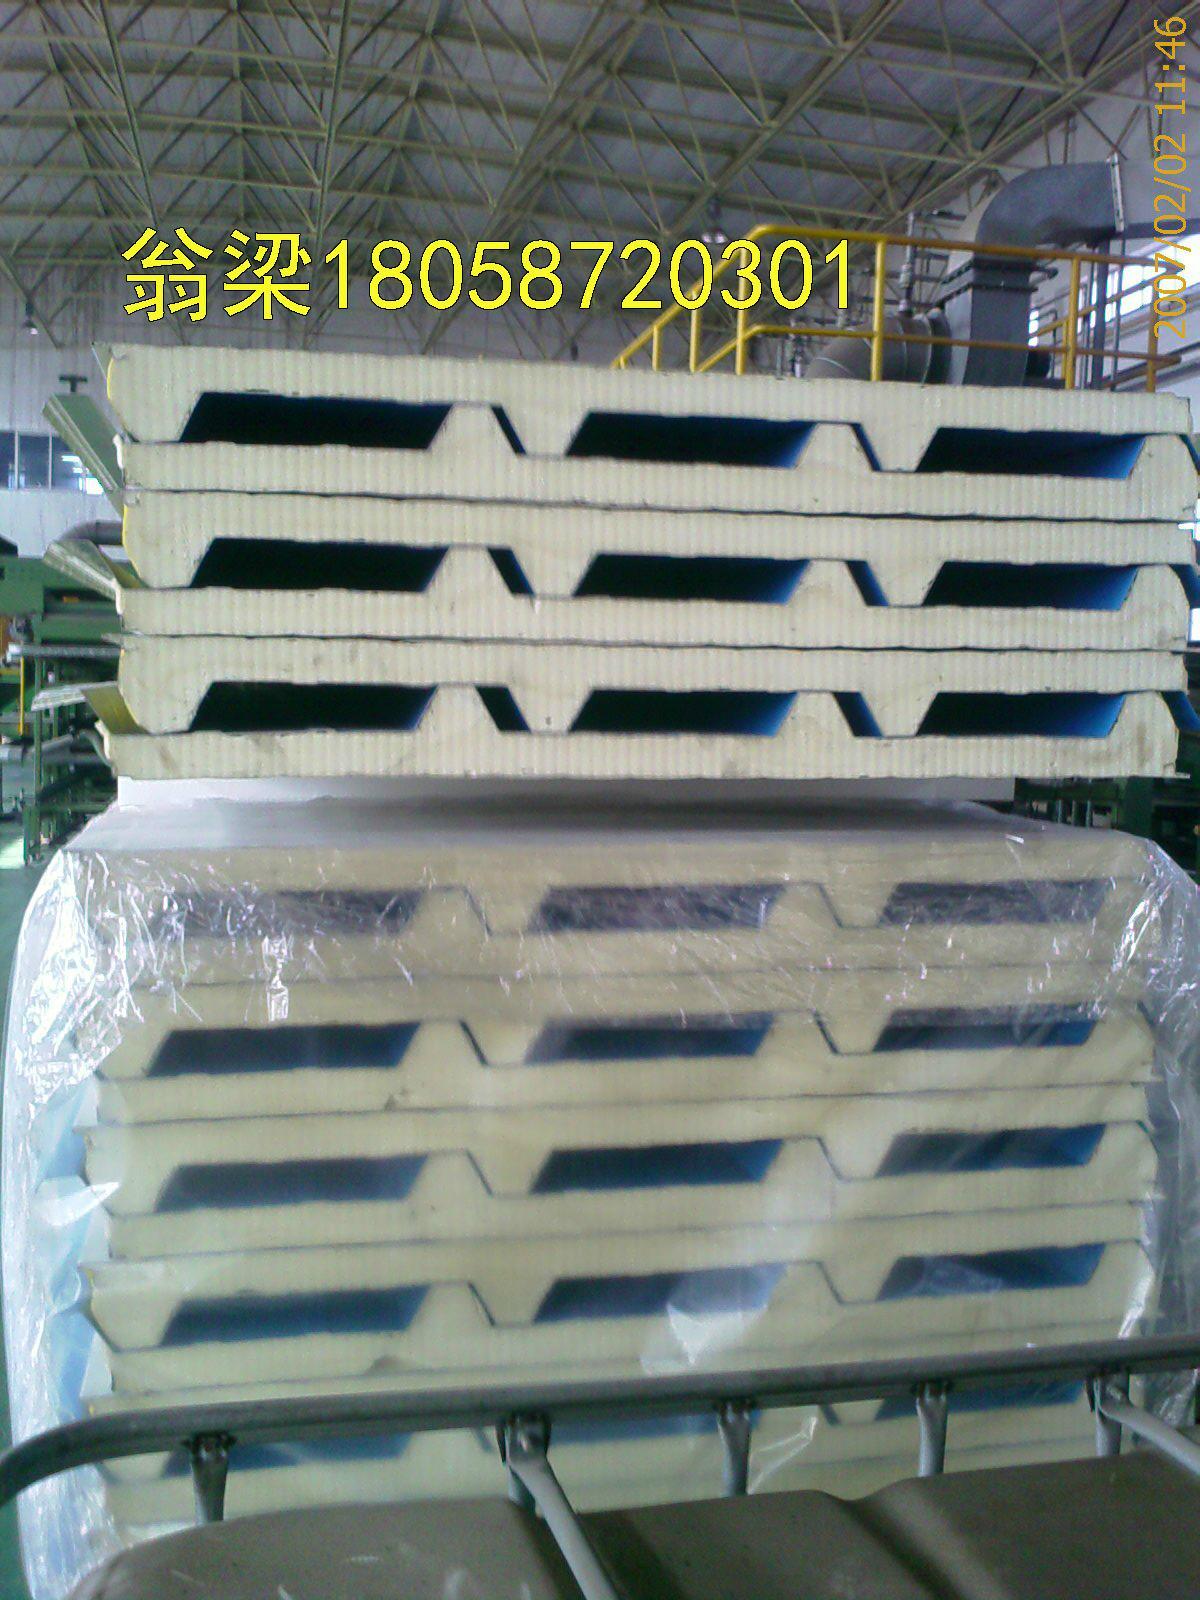 供應甘藍彩鋼聚氨酯夾芯板隔熱保溫板 5